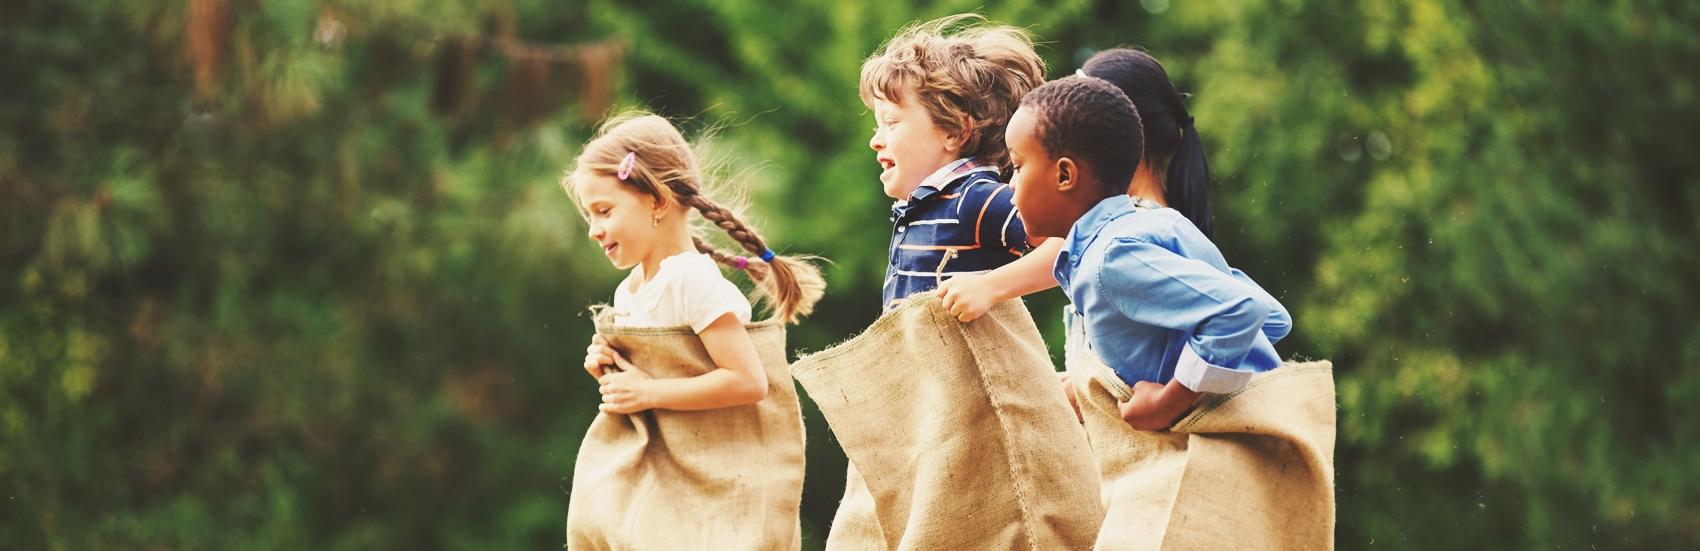 Gruppe Kinder beim Sackhpfen